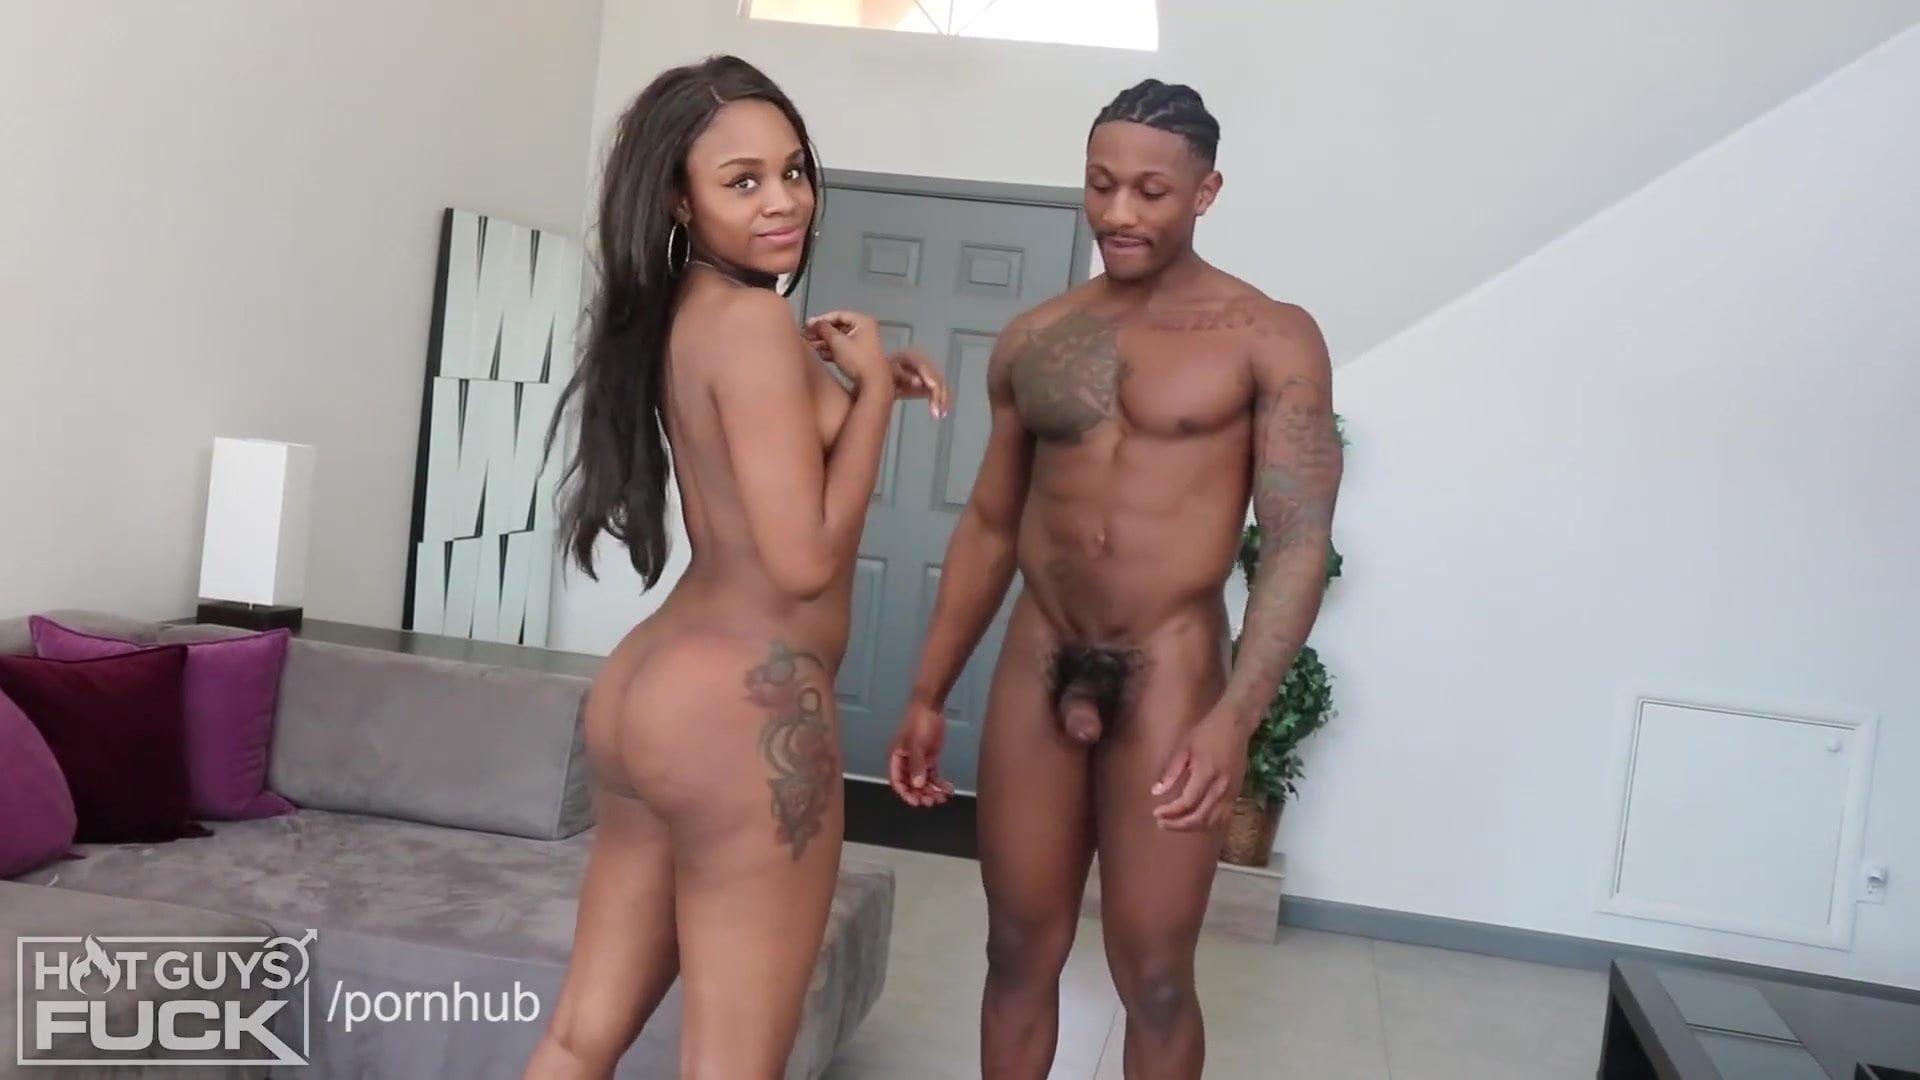 White Girl Fuck Black Guy